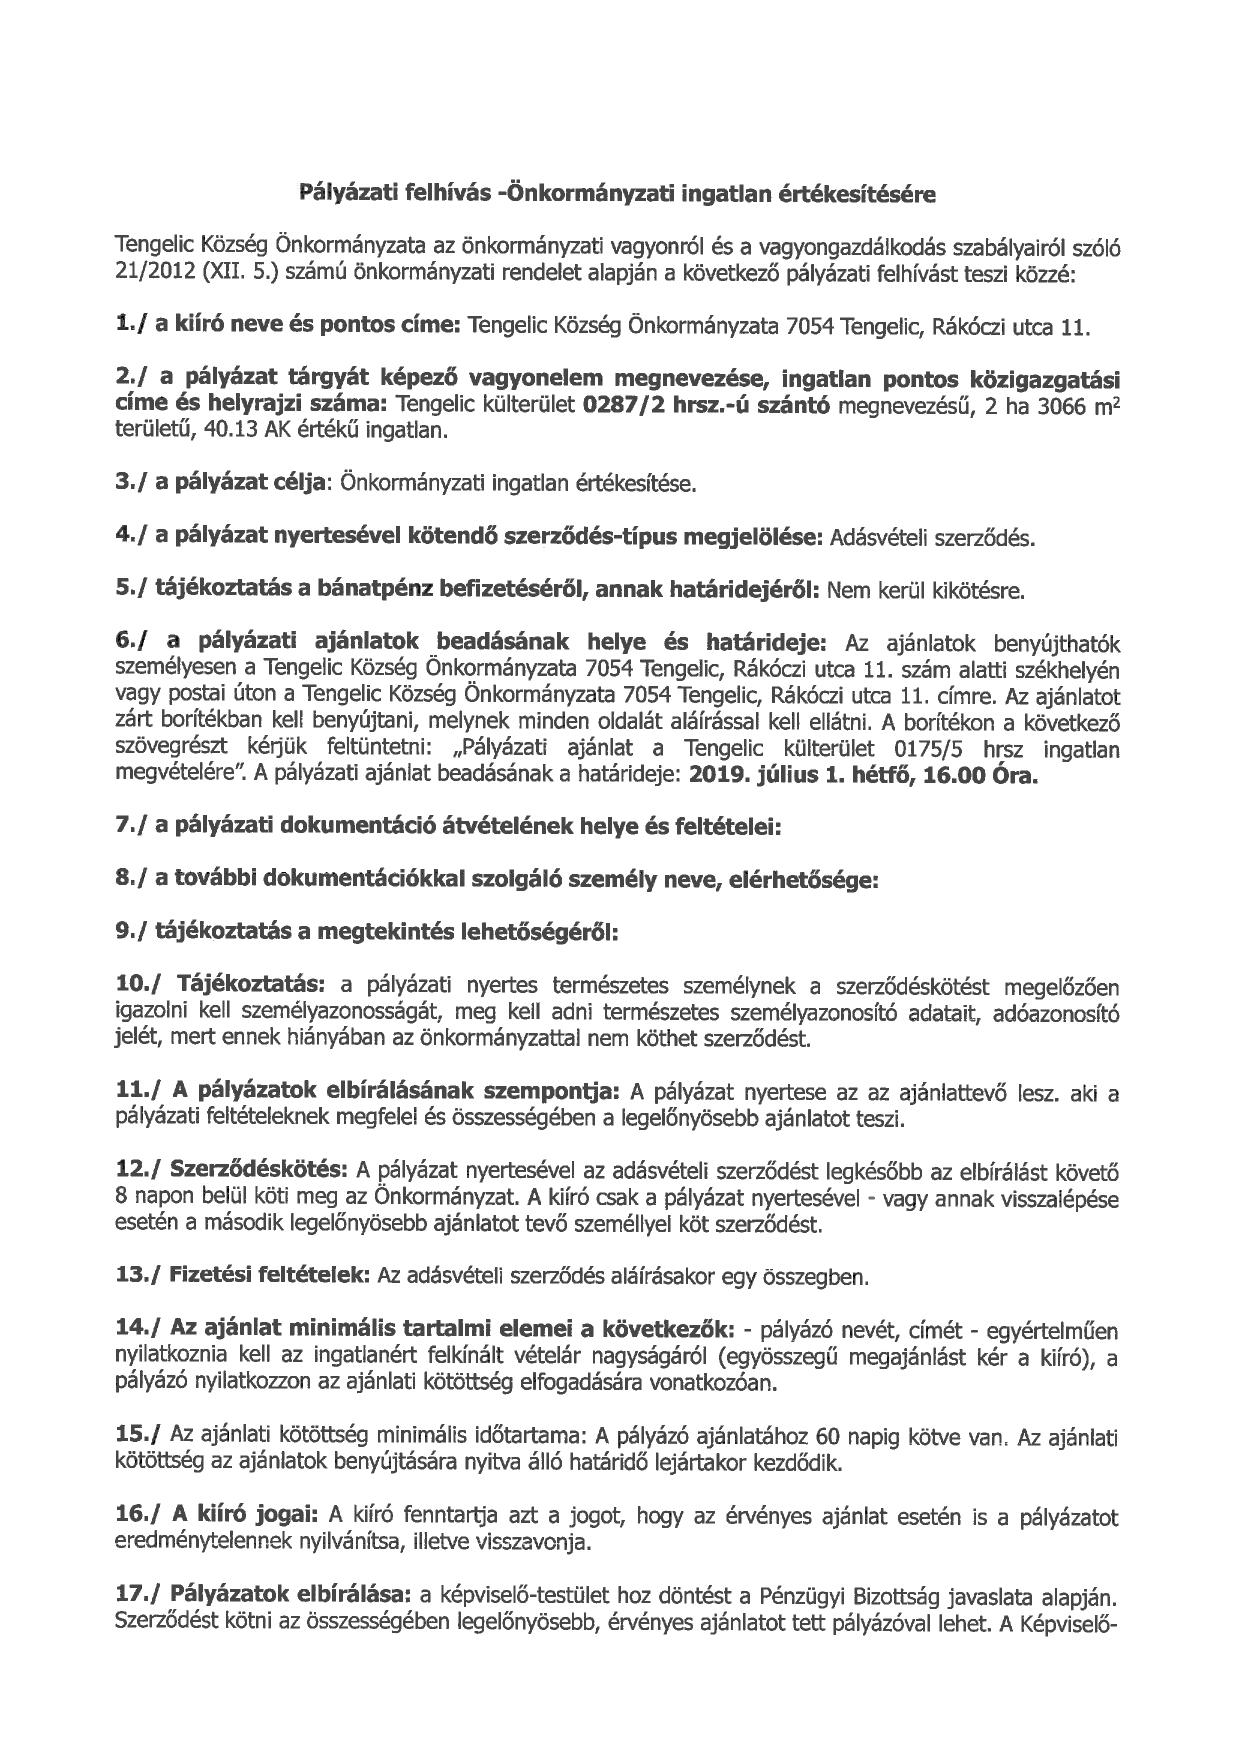 Pályázati felhívás a 0287-2 hrsz-ú önkormányzati ingatlan értékesítésére_page-0001